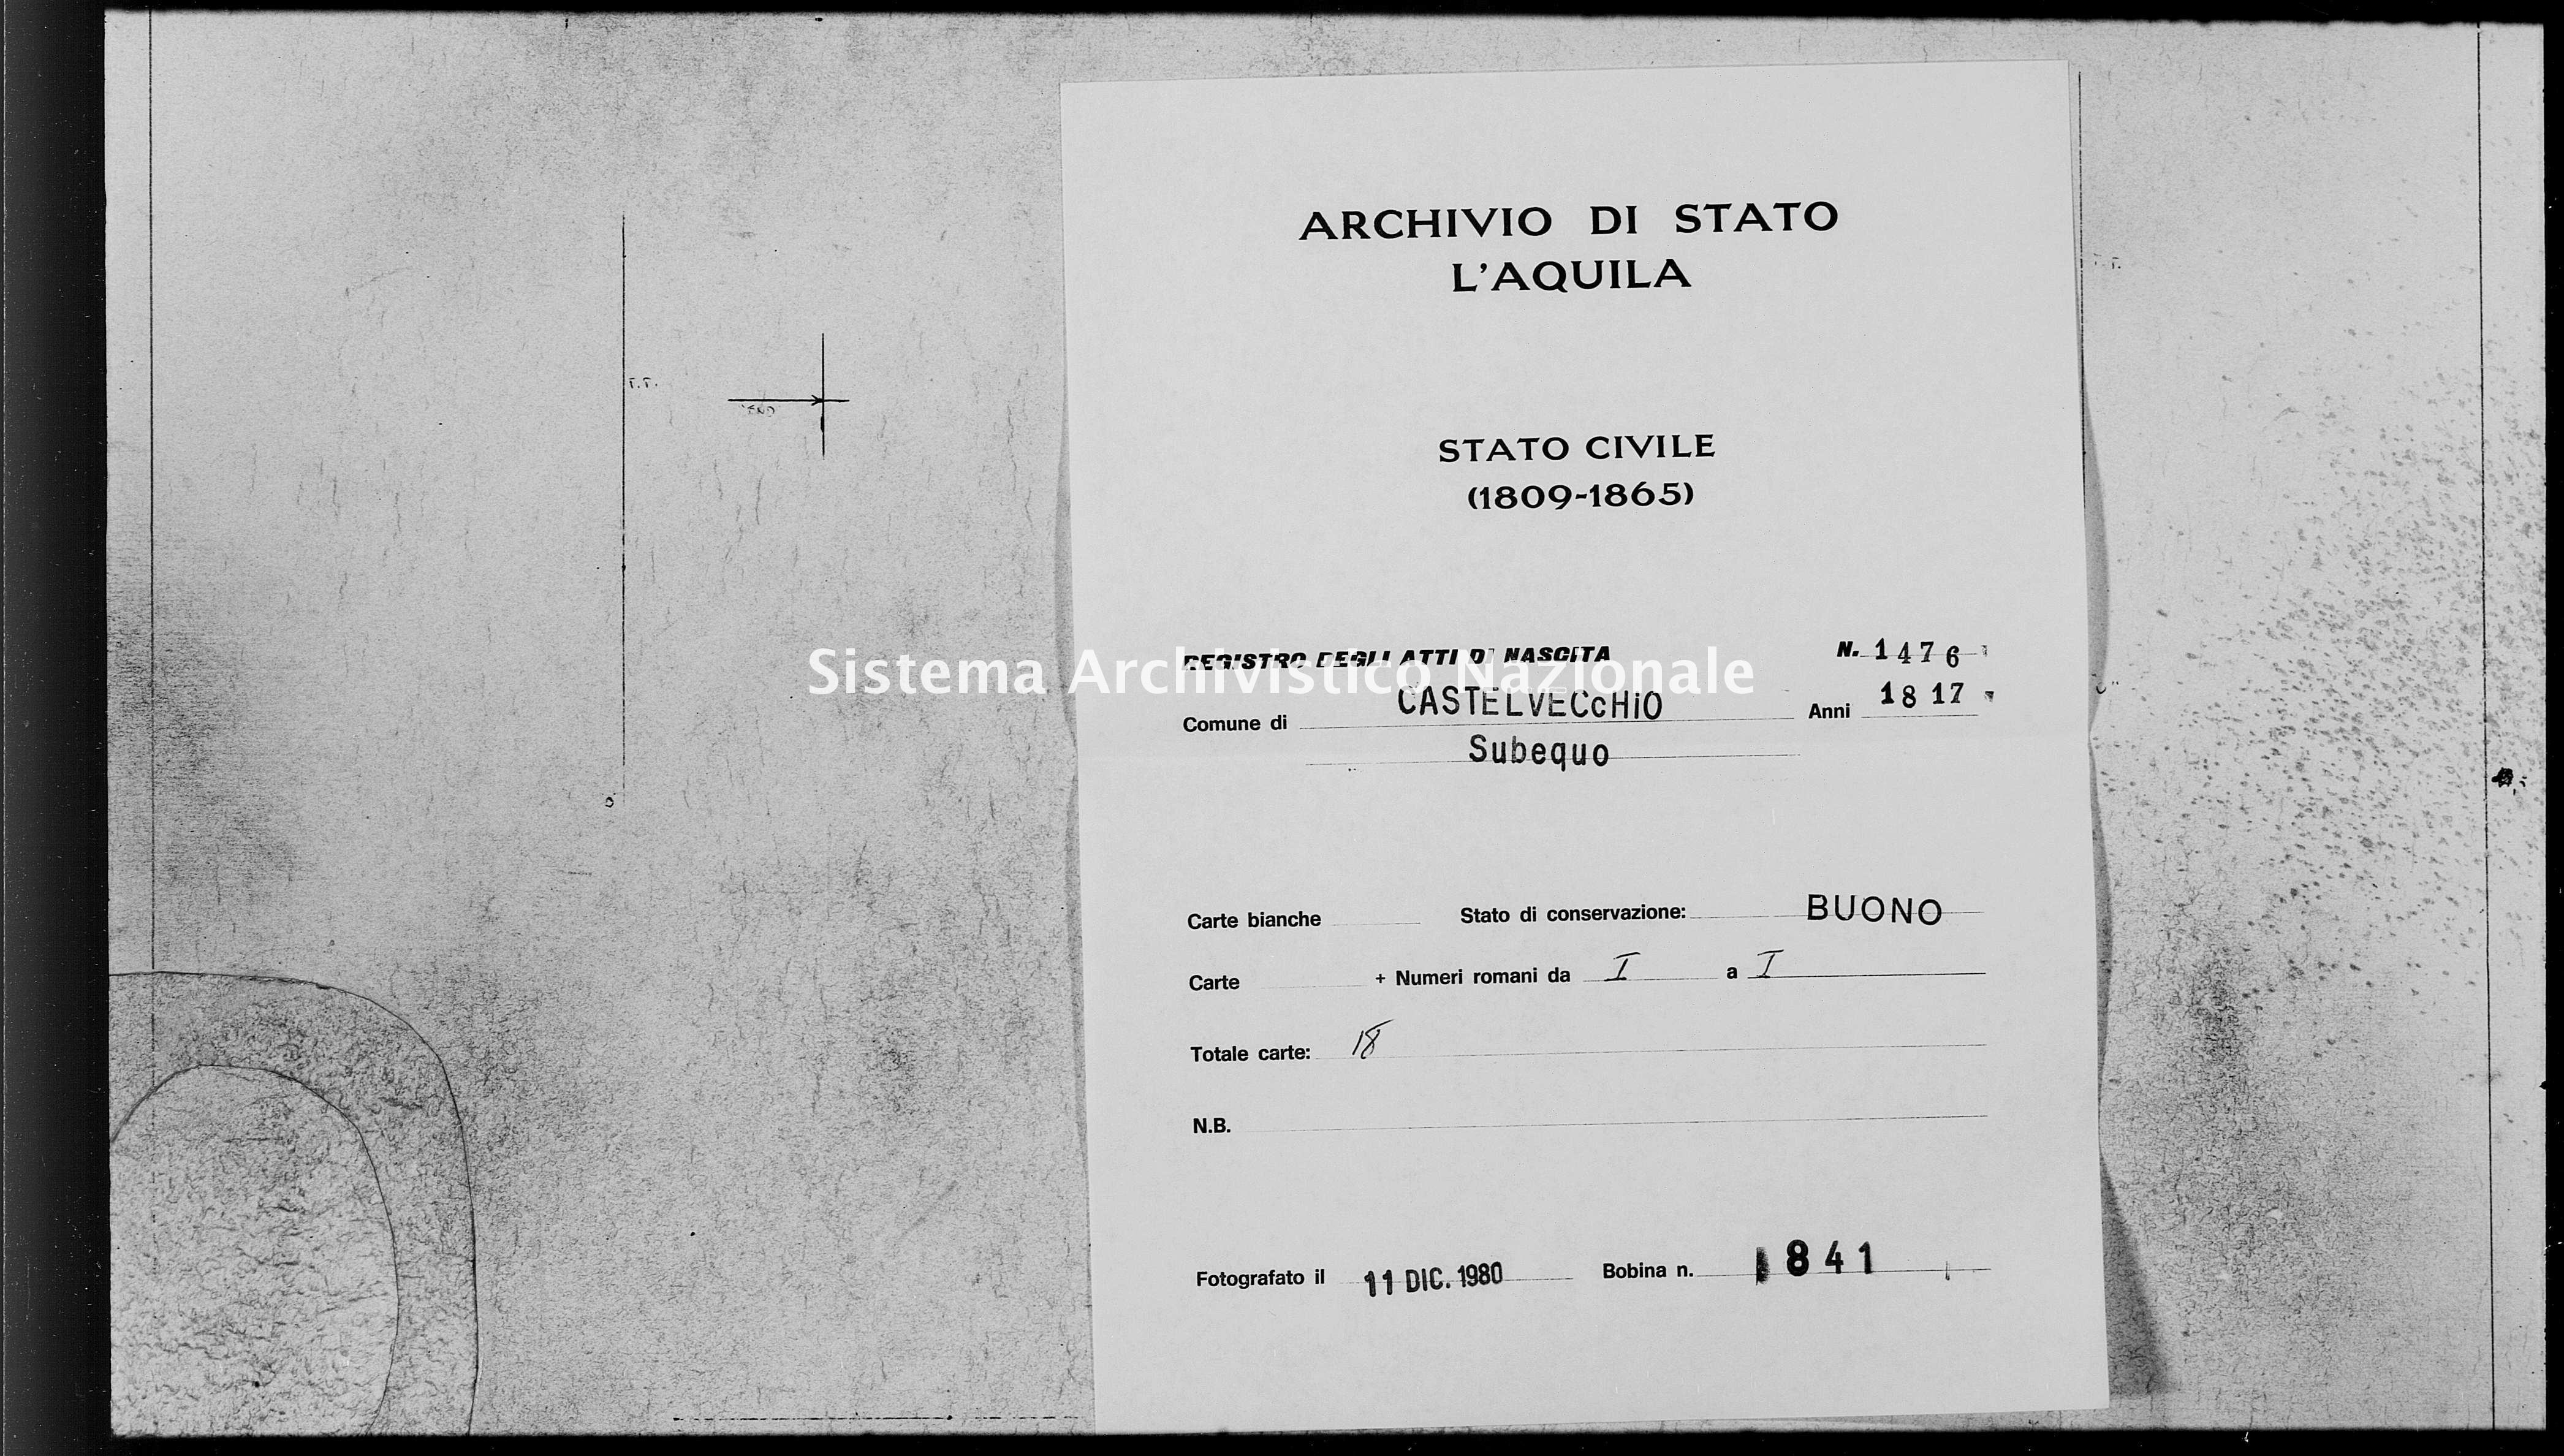 Archivio di stato di L'aquila - Stato civile della restaurazione - Castelvecchio Subequo - Nati - 1817 - 1476 -